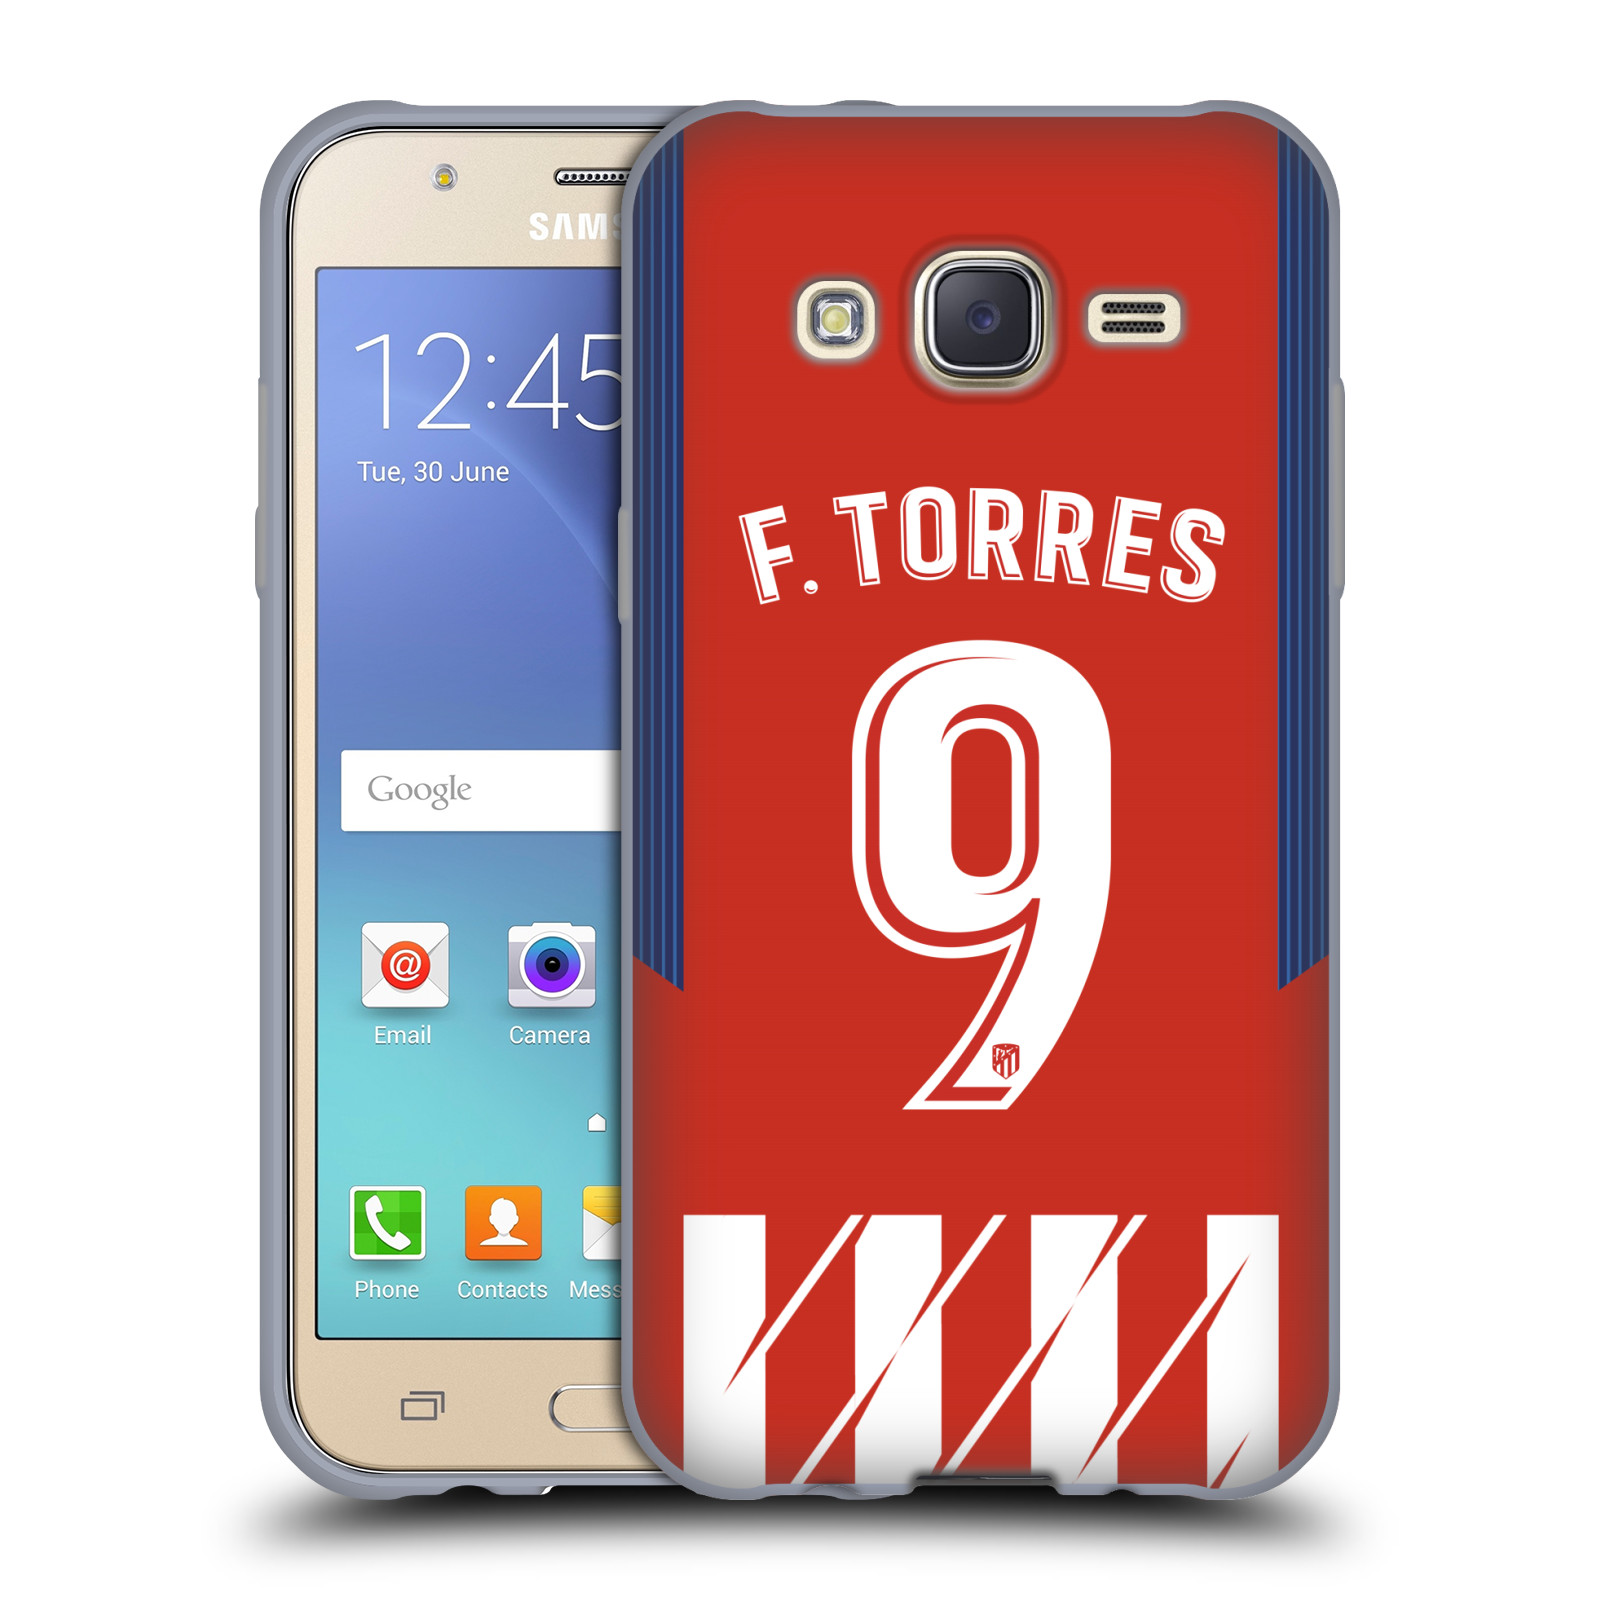 HEAD CASE silikonový obal na mobil Samsung Galaxy J5 2015 (J500) Fotbalový klub Atlético Madrid dres Fernando Torres